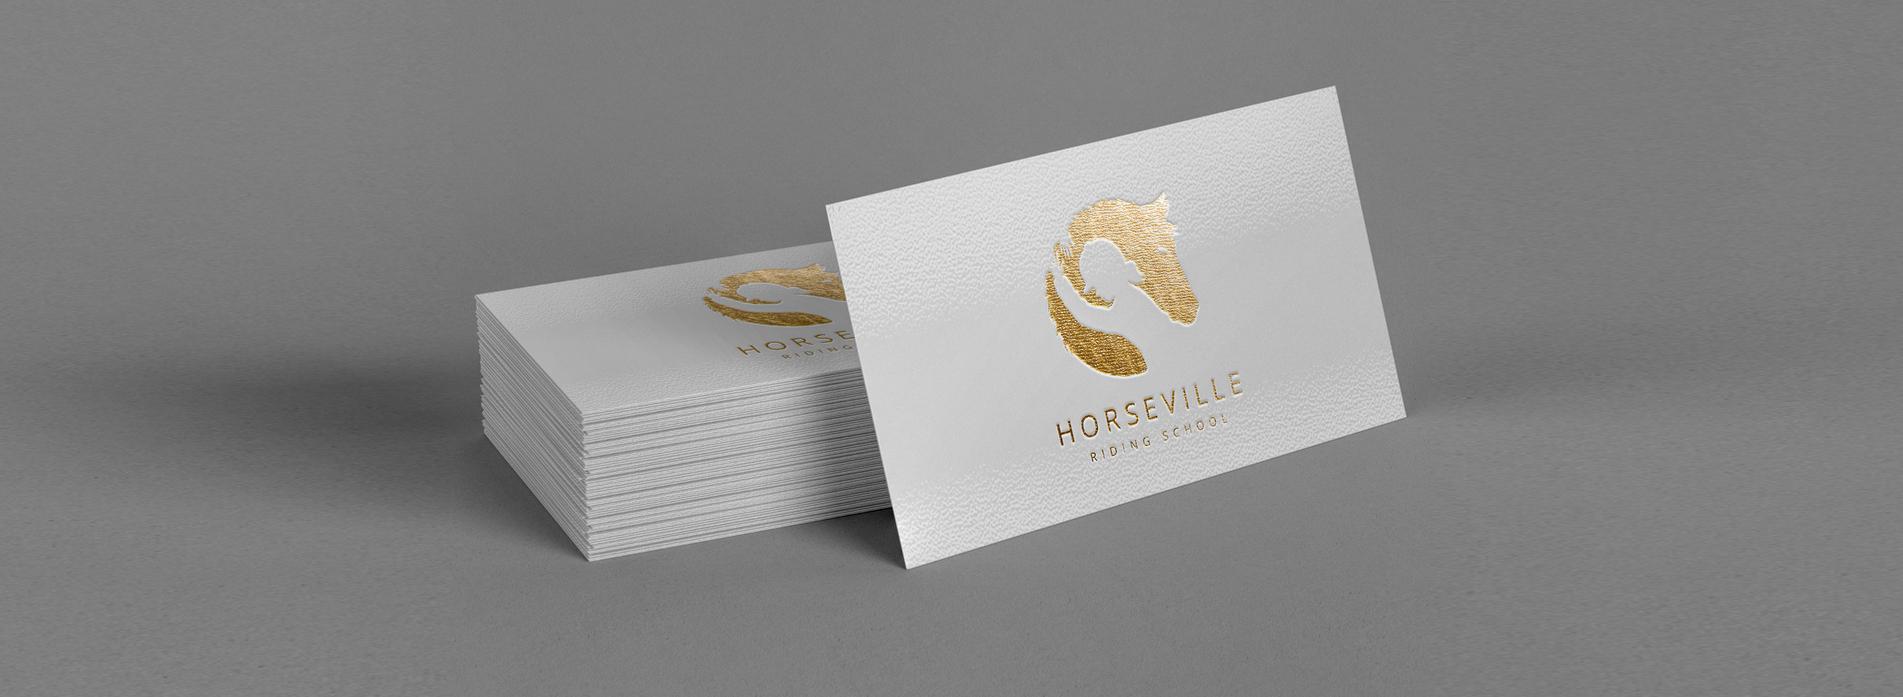 Horseville Logo